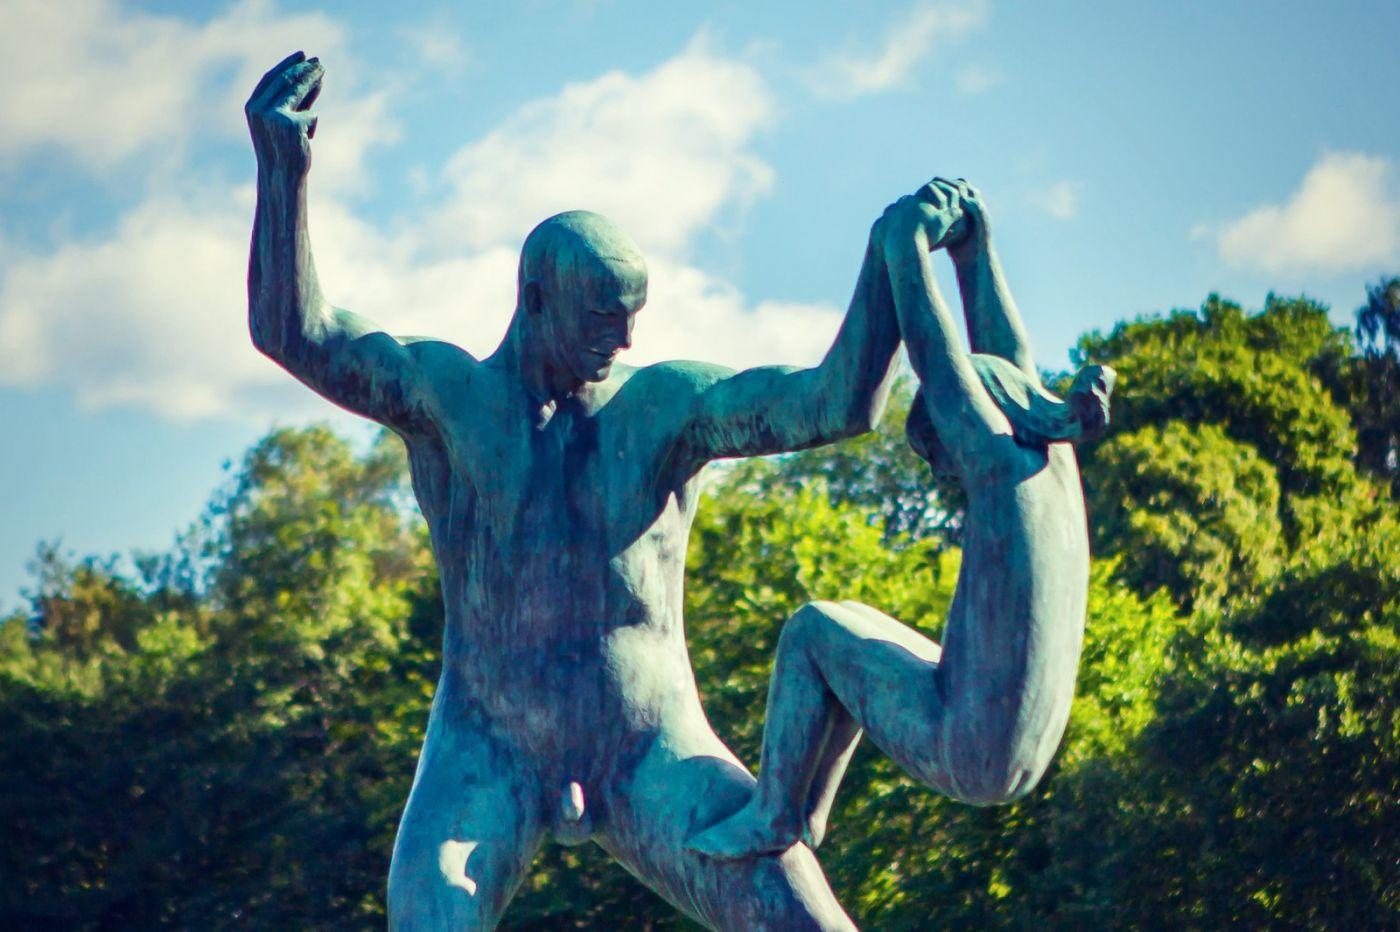 挪威维格兰雕塑公园,风格明显_图1-31